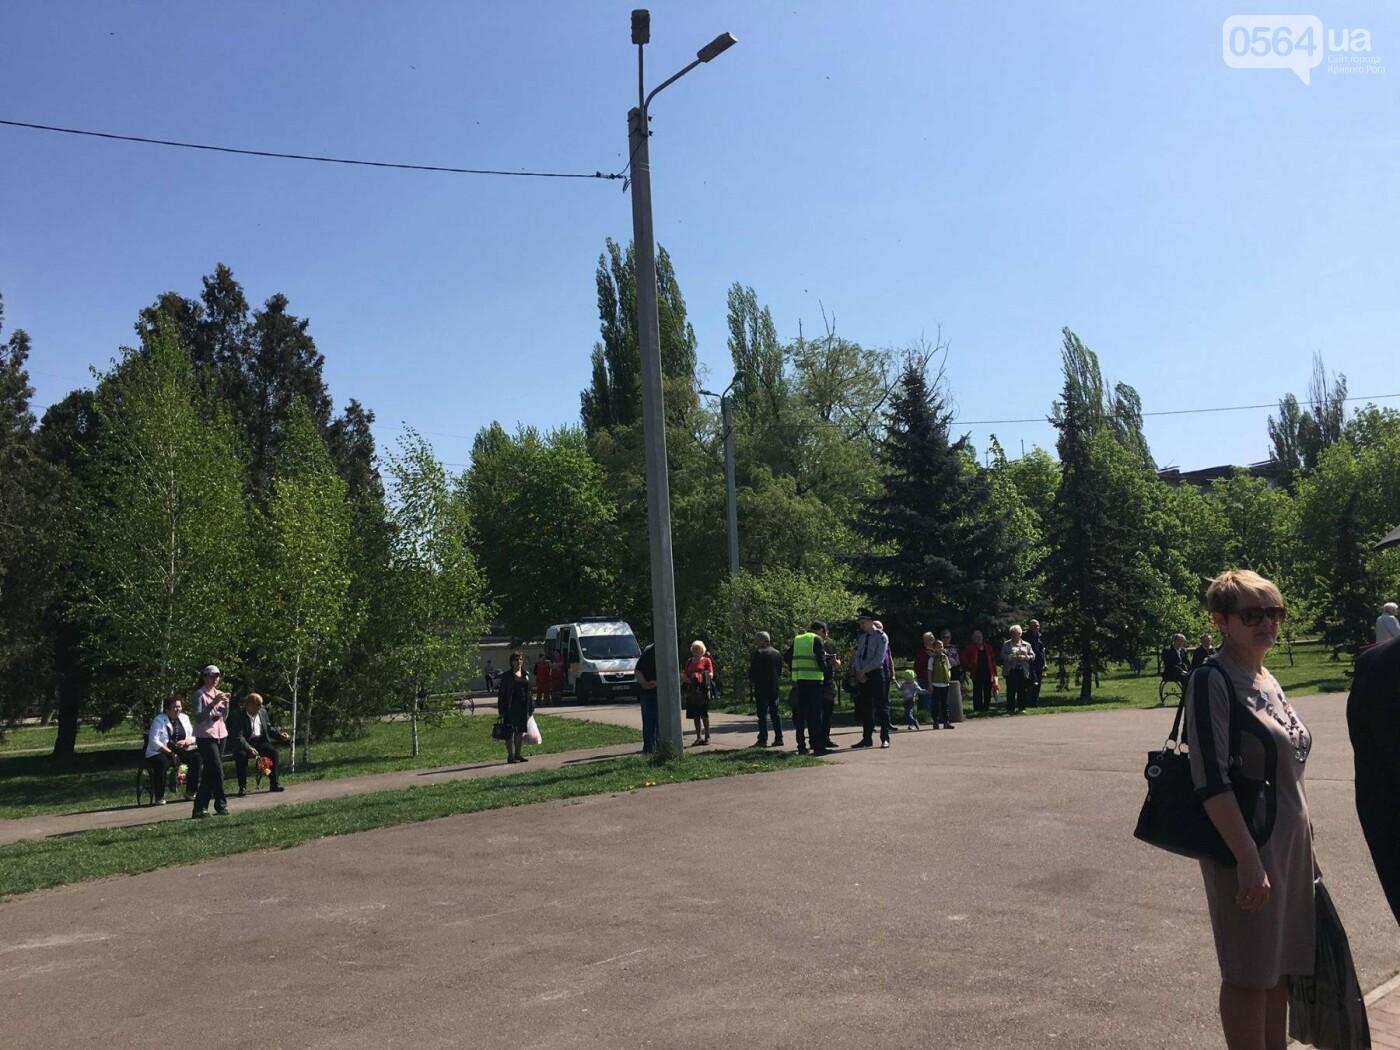 Чернобыльская катастрофа: В Кривом Роге прошел митинг-реквием в память о тех, кто пожертвовал собой во имя спасения сограждан (ФОТО, ВИДЕО), фото-11